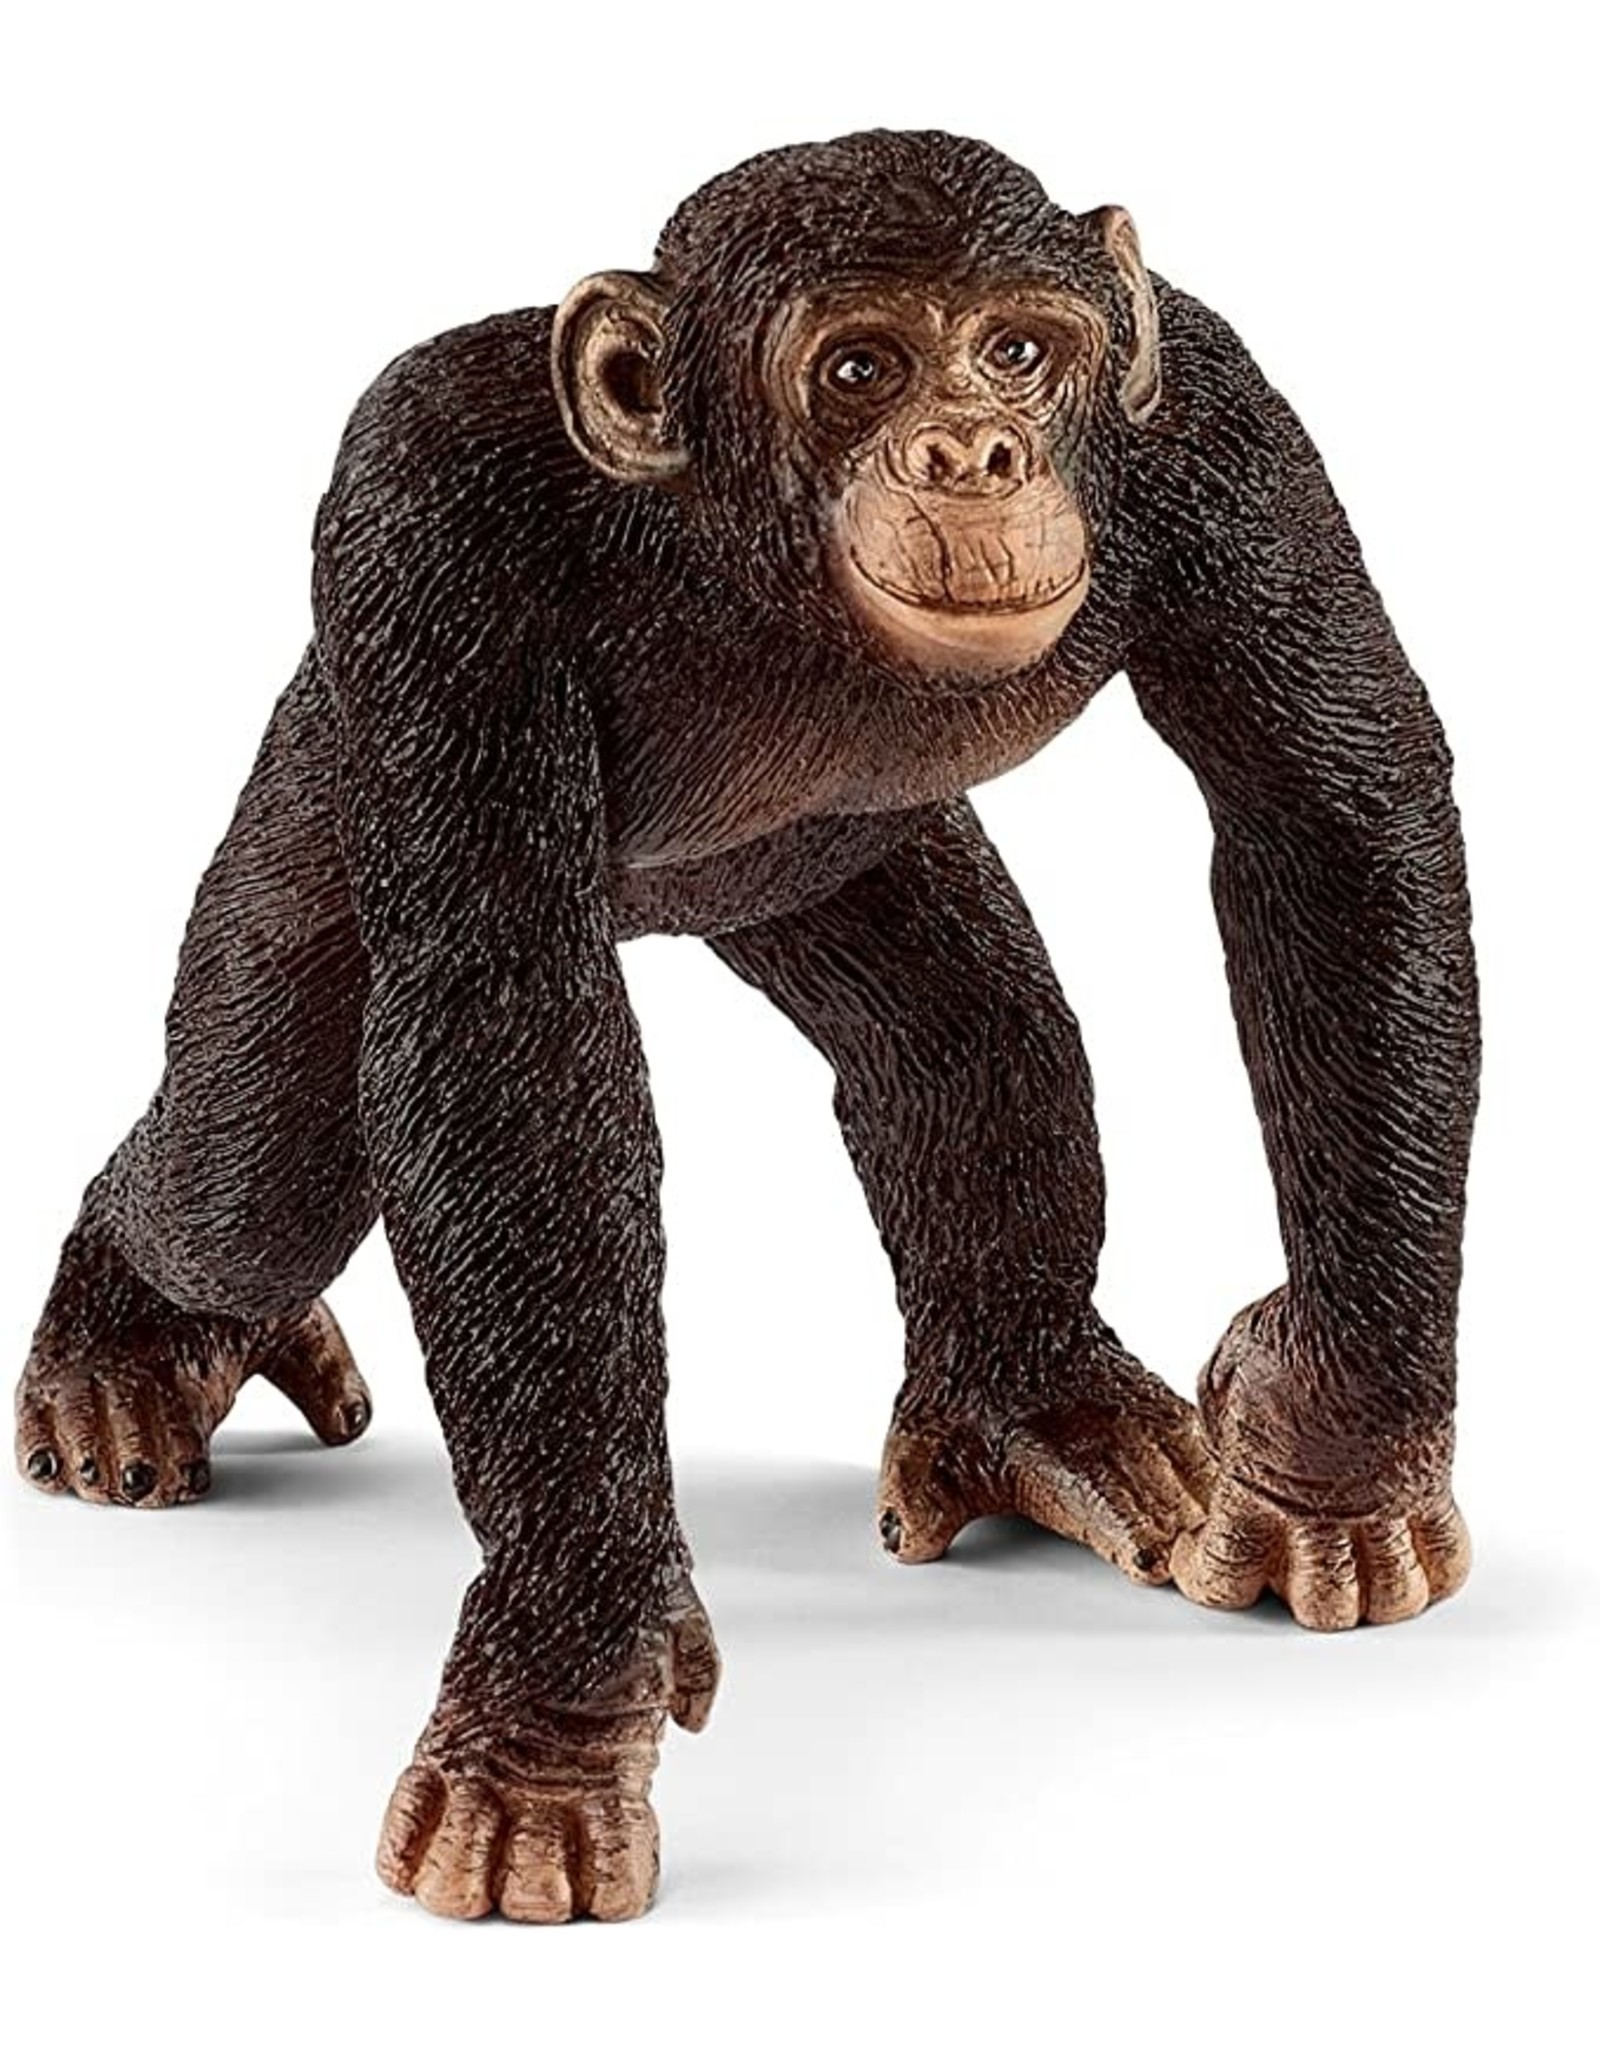 Schleich Chimpanzee, male